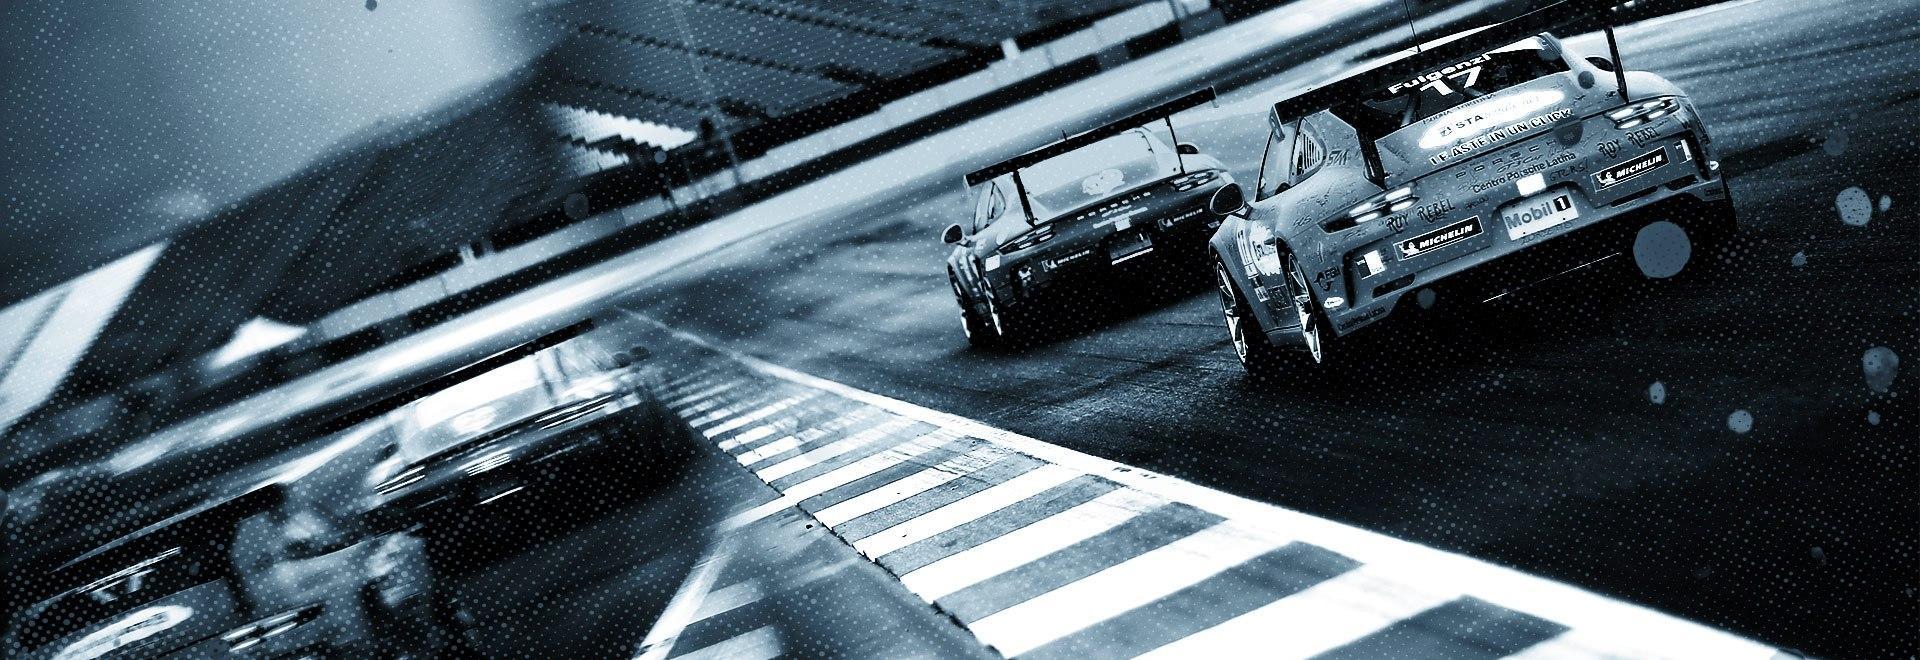 Imola. Round 4 Race 2